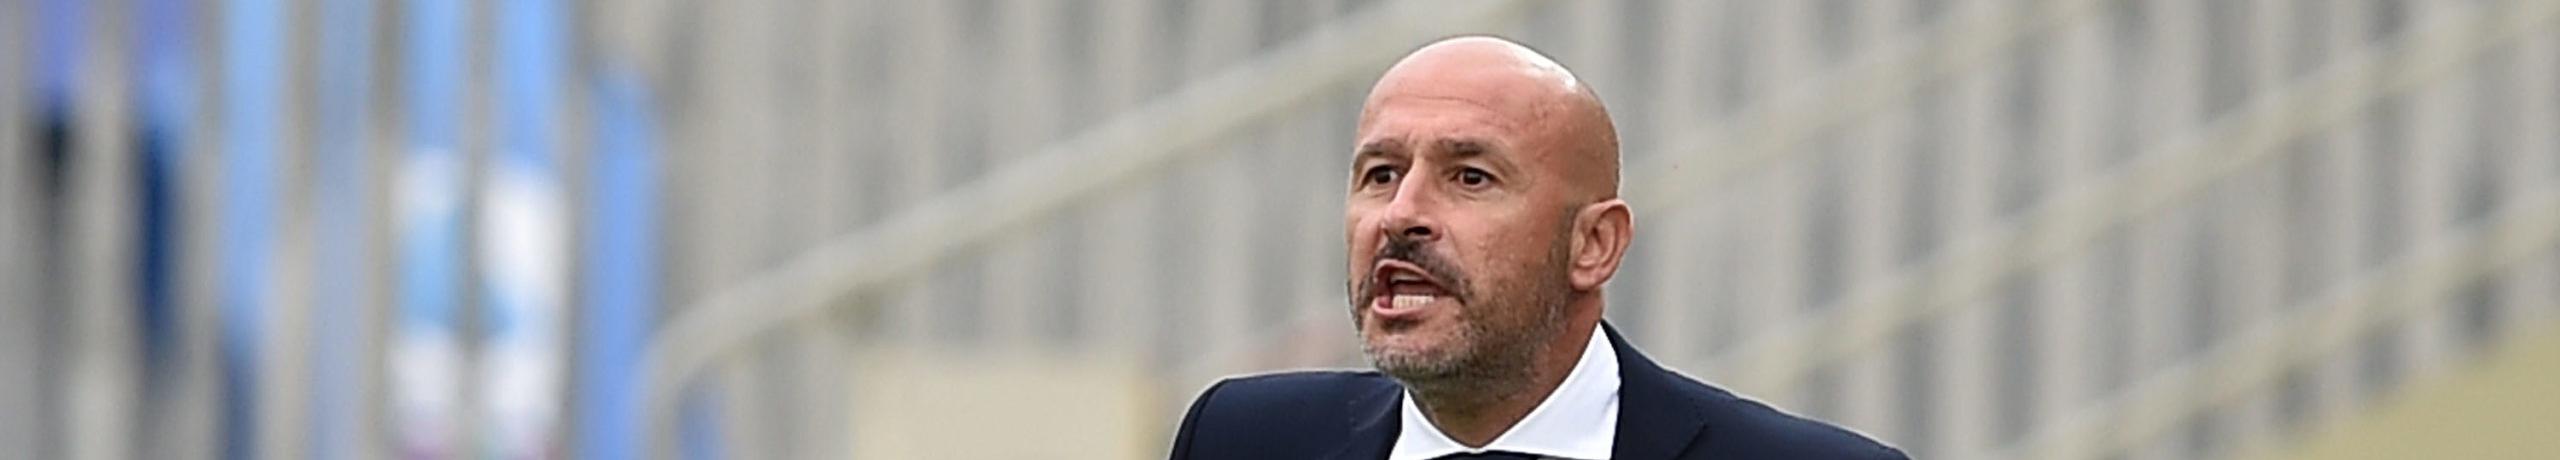 Spezia-Udinese, punti pesanti nella corsa alla salvezza